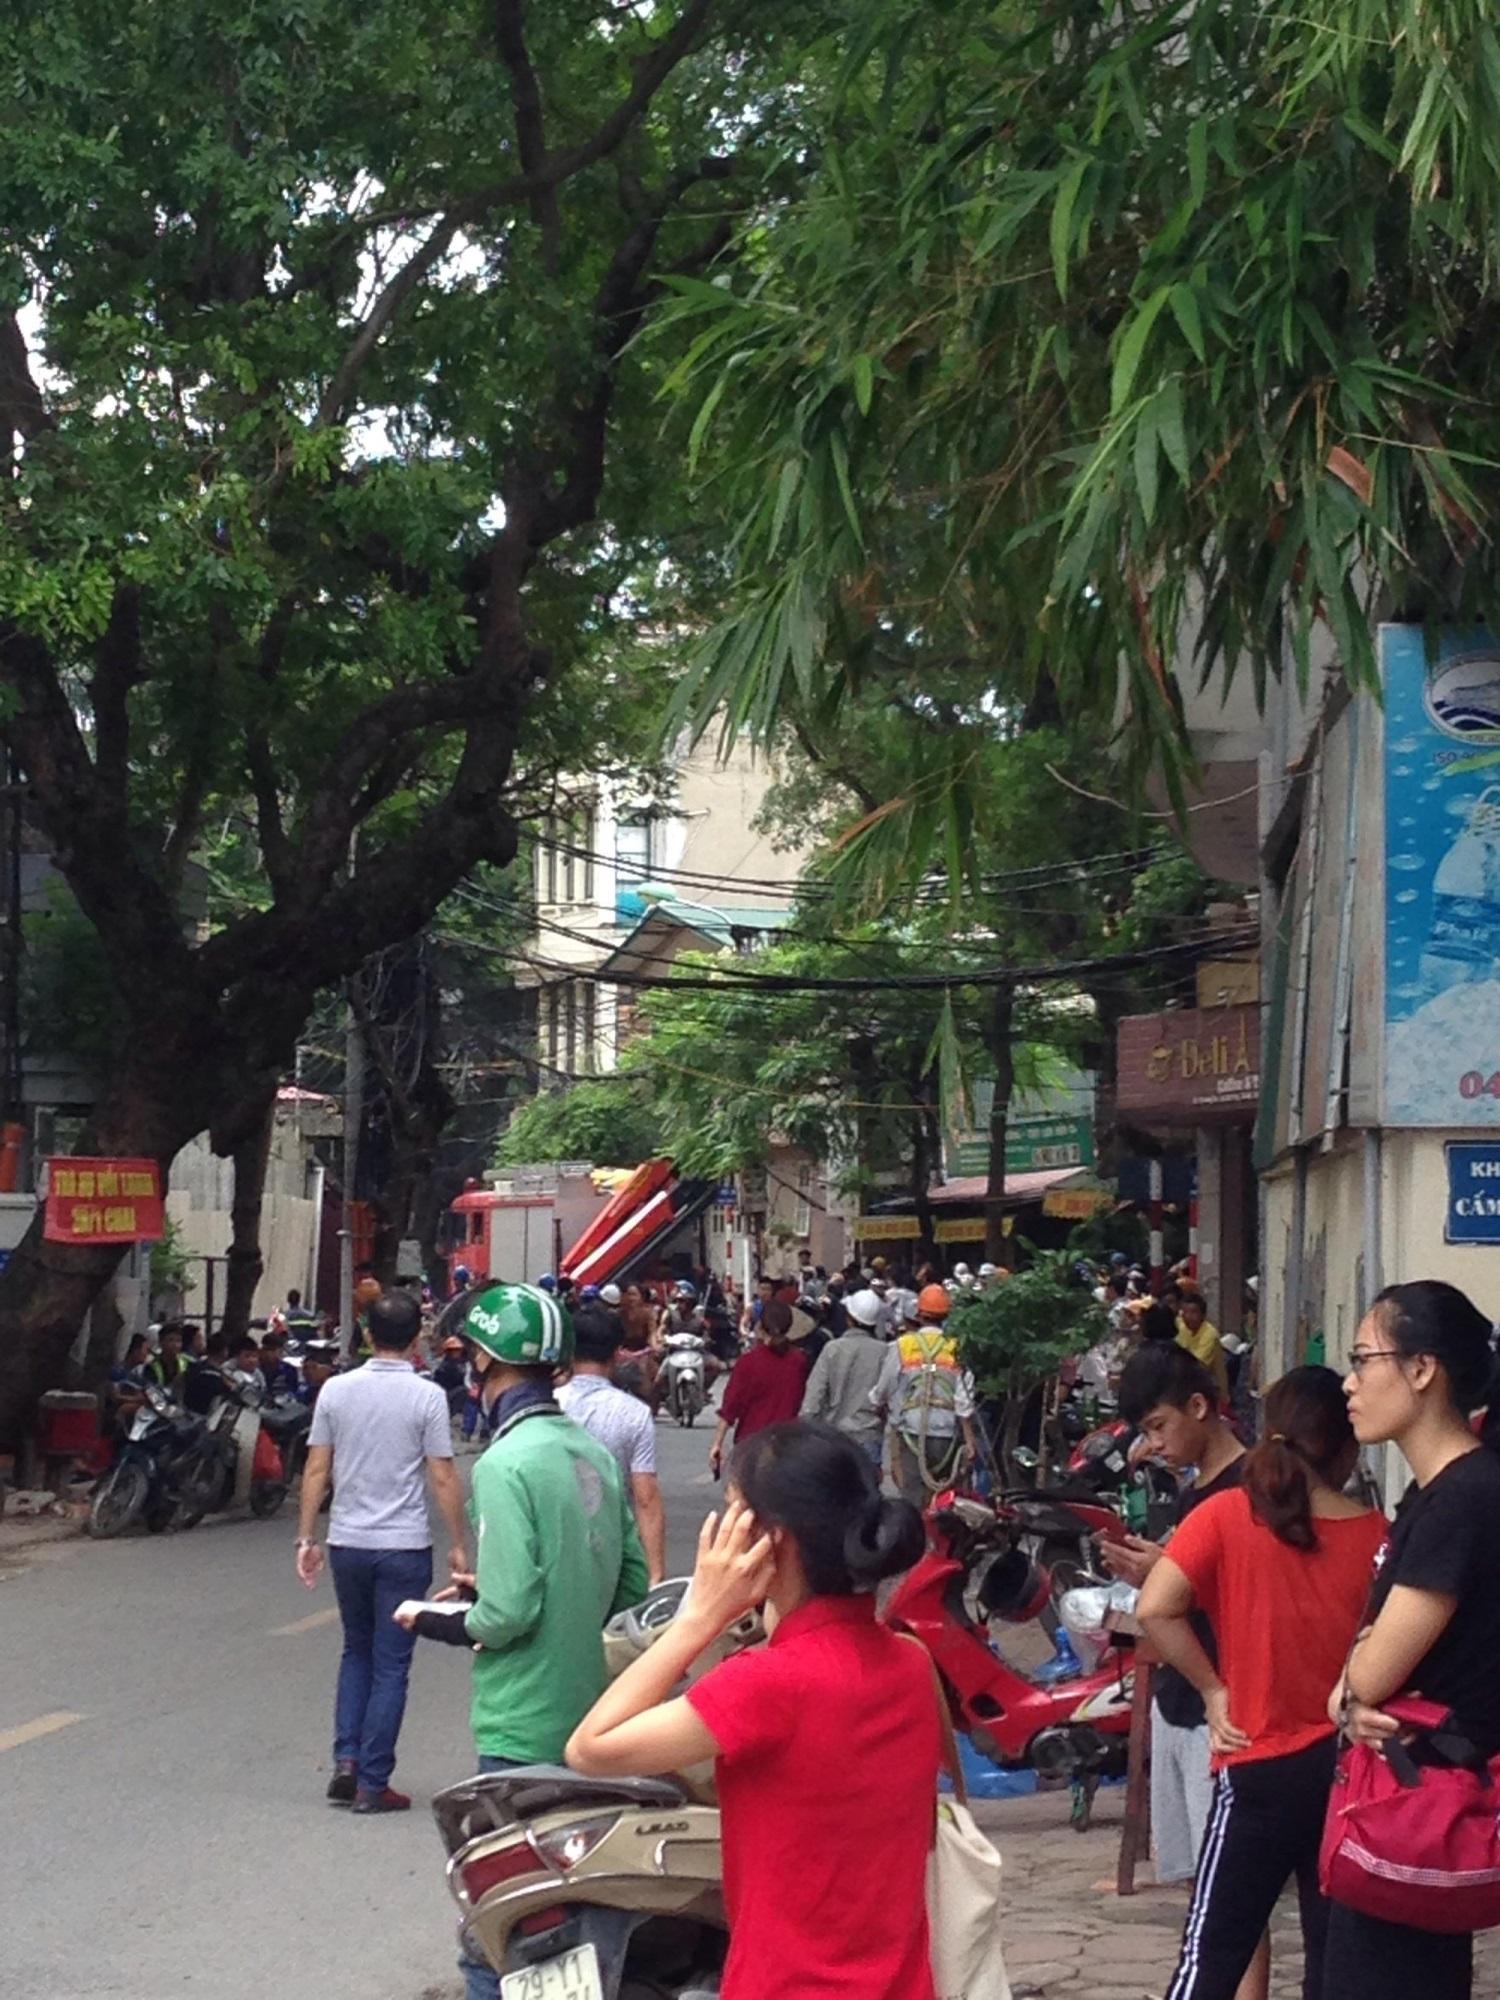 Hà Nội vừa xảy ra rung lắc mạnh, nhiều người dân hoảng hốt lao ra khỏi các tòa nhà cao tầng - Ảnh 1